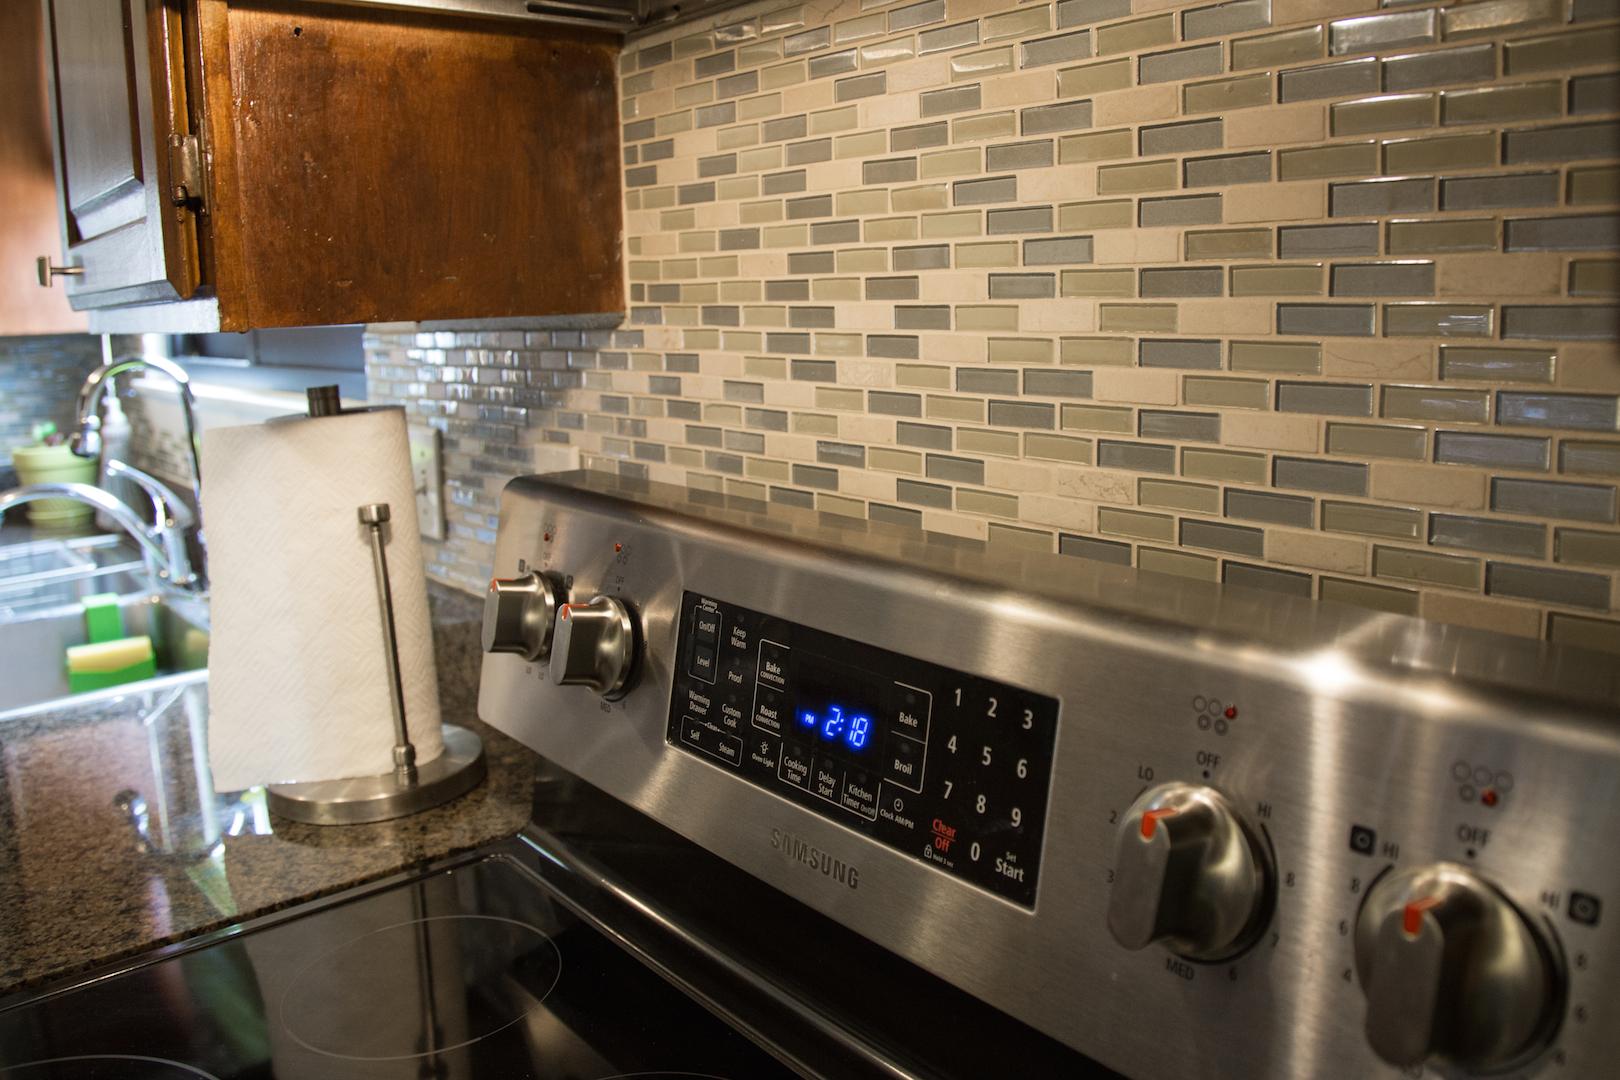 100 dark stone backsplash kitchen kitchen backsplash design